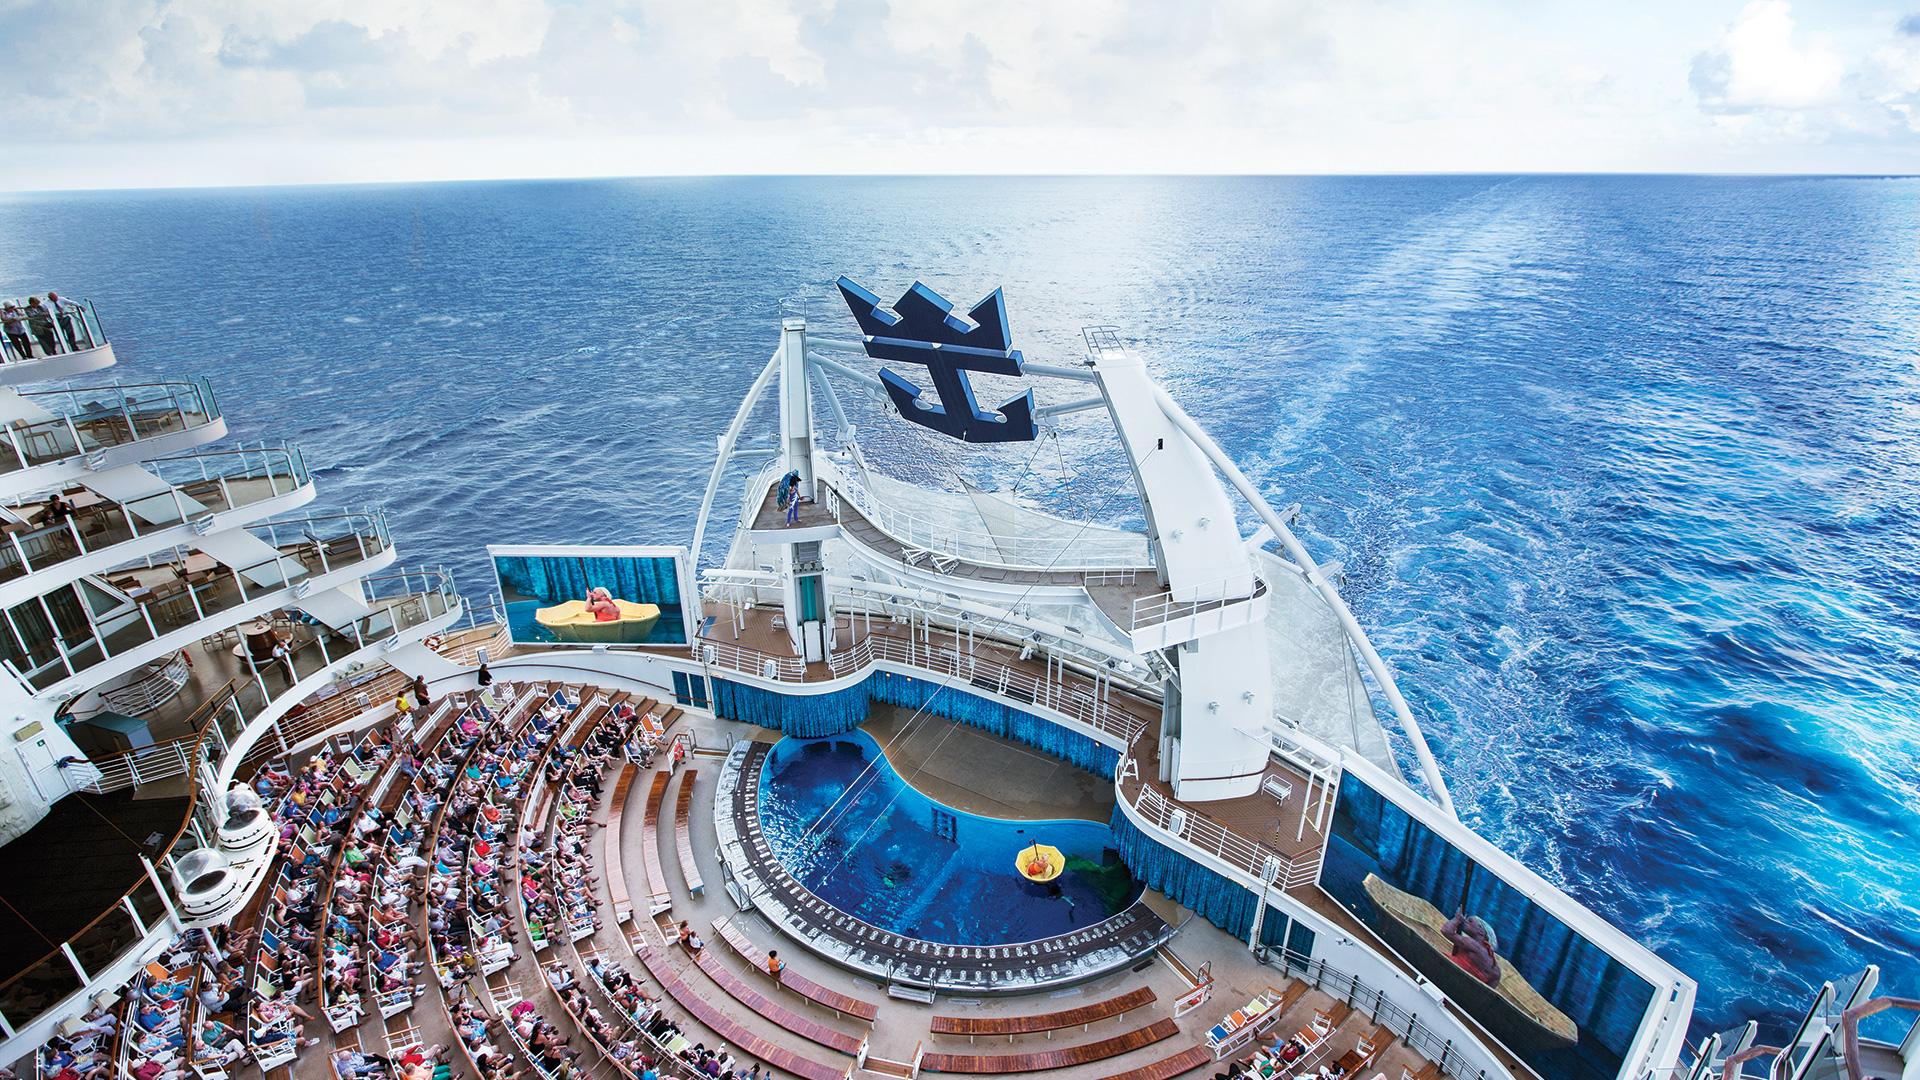 Sju nätter med Oasis of the Seas i Karibien - Från 8 211 kronor per person får du mellan 16-23 februari uppleva det bästa östra Karibien har att erbjuda. Labadee, Charlotte Amalie och San Juan är hamnarna som besöks. Under tiden färdas du med världens största kryssningsfartyg - fullproppad av innehåll.